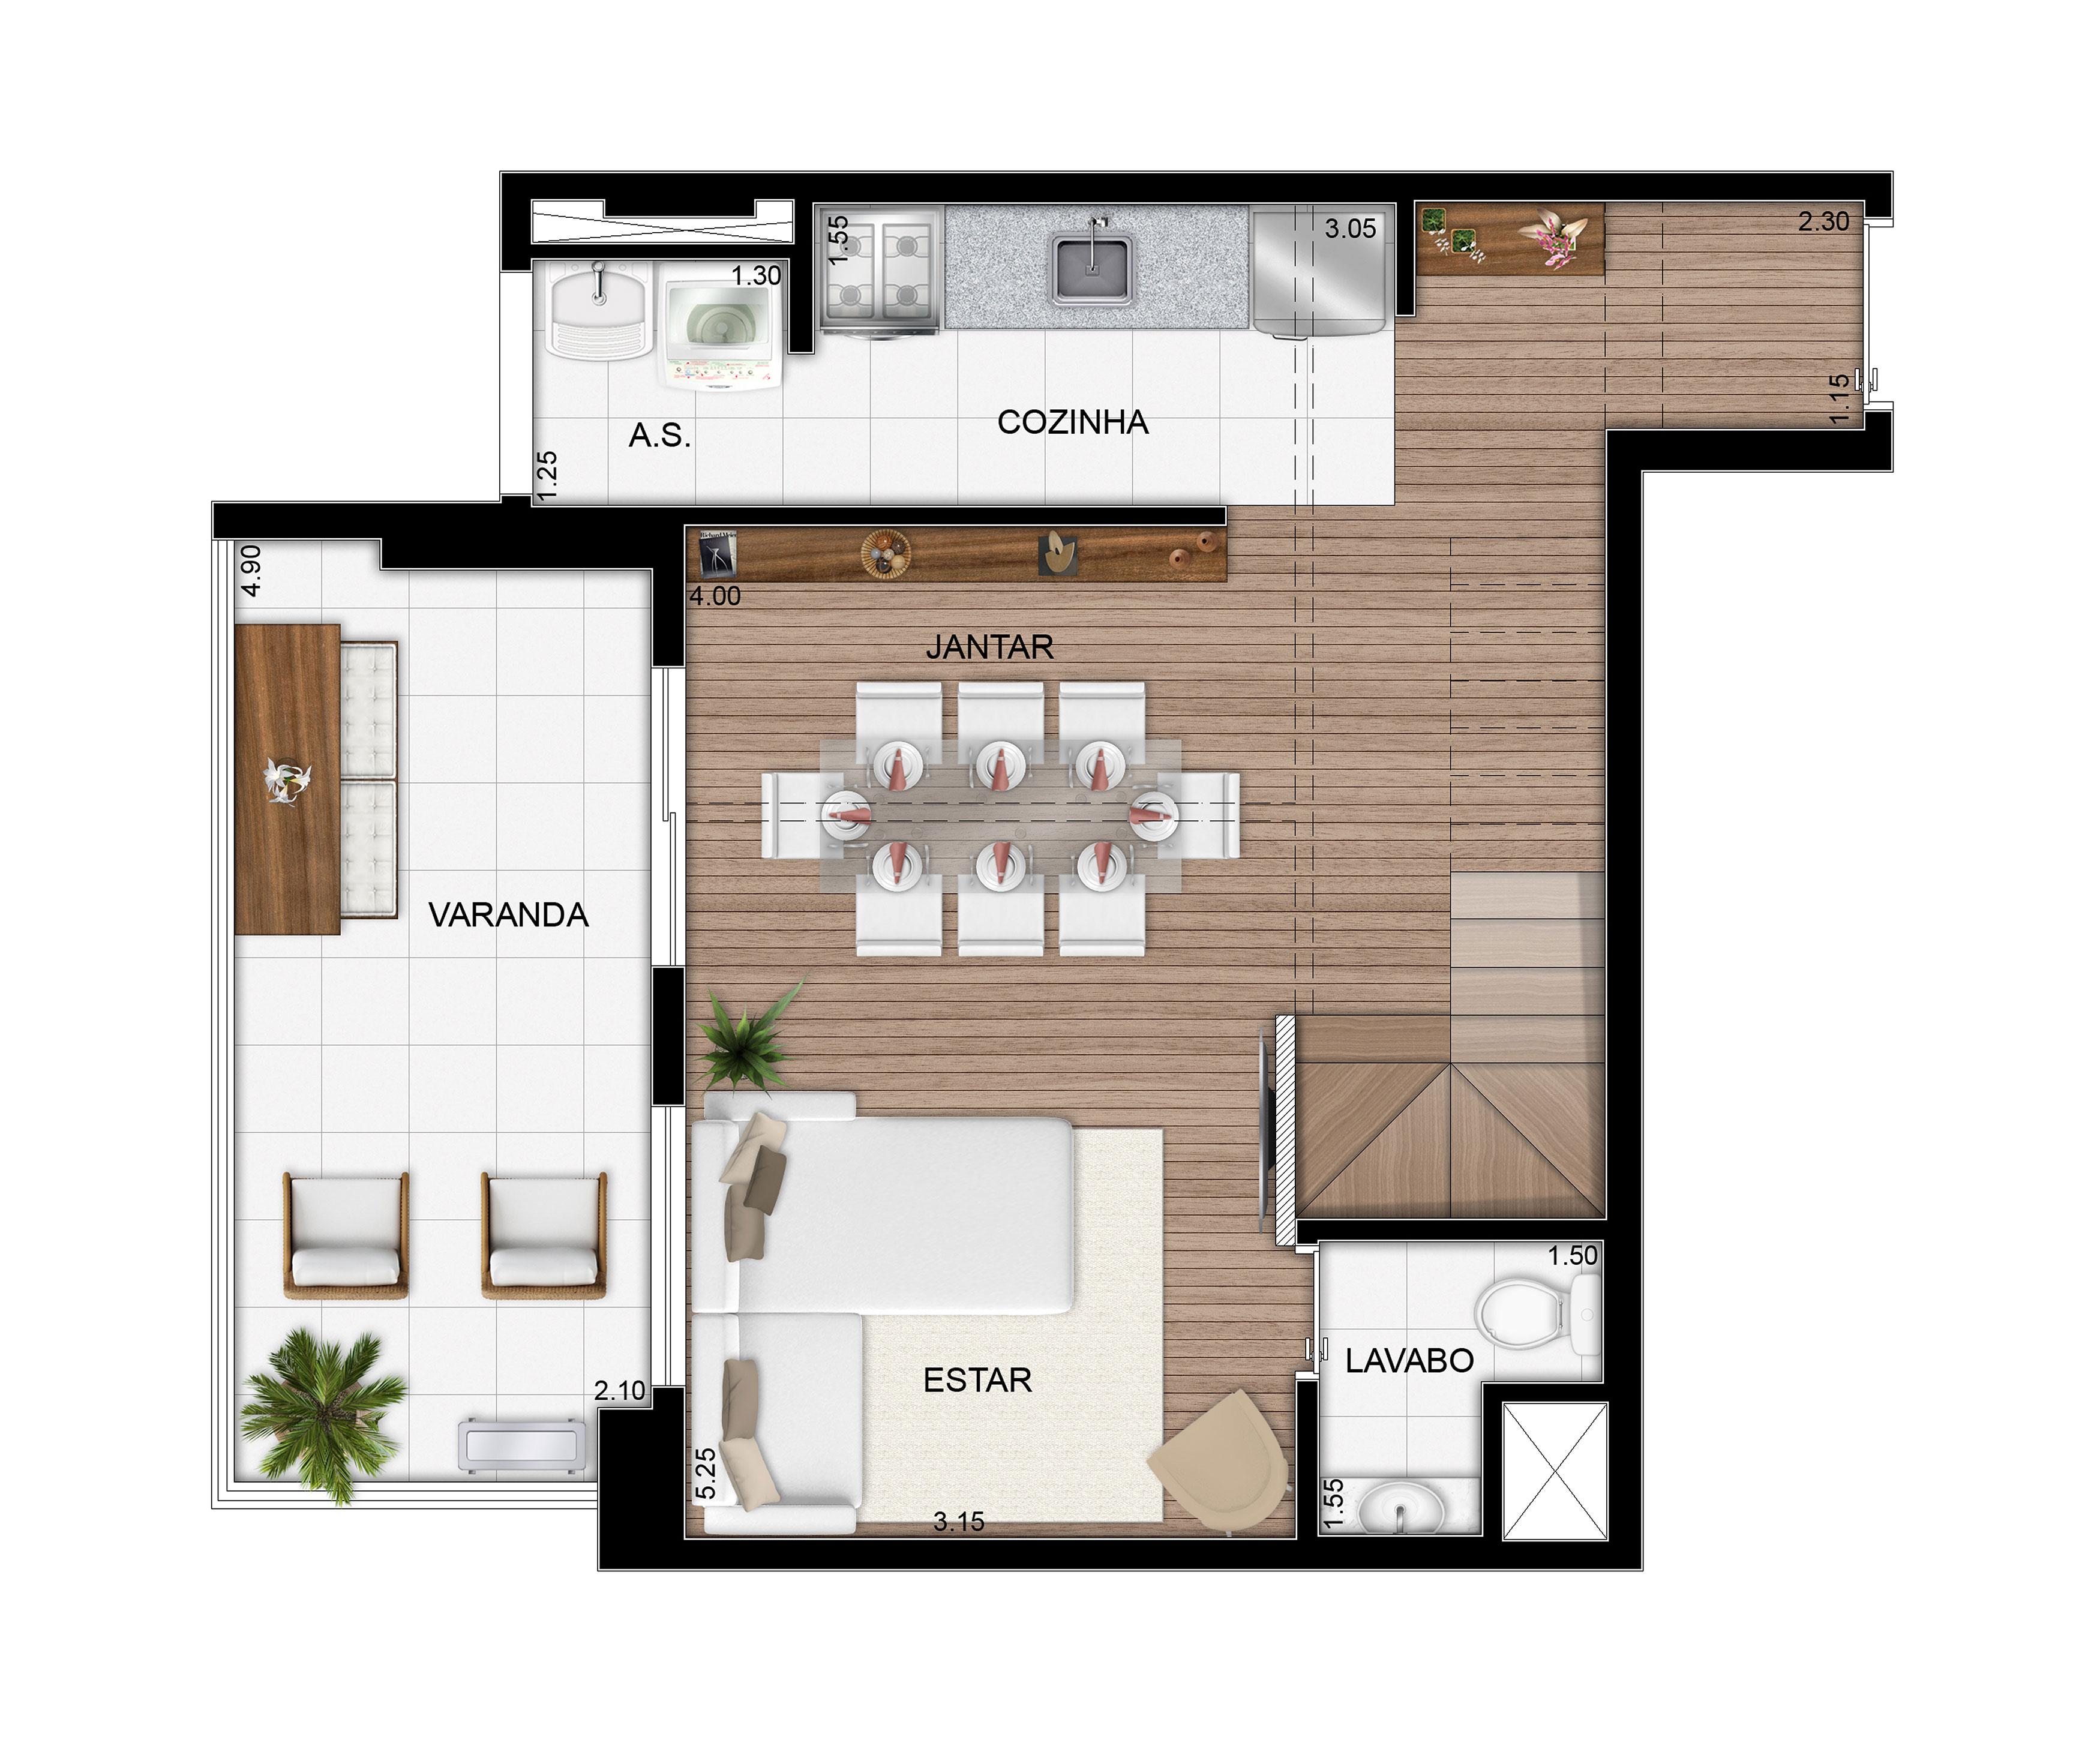 79,24 m² - Duplex inferior